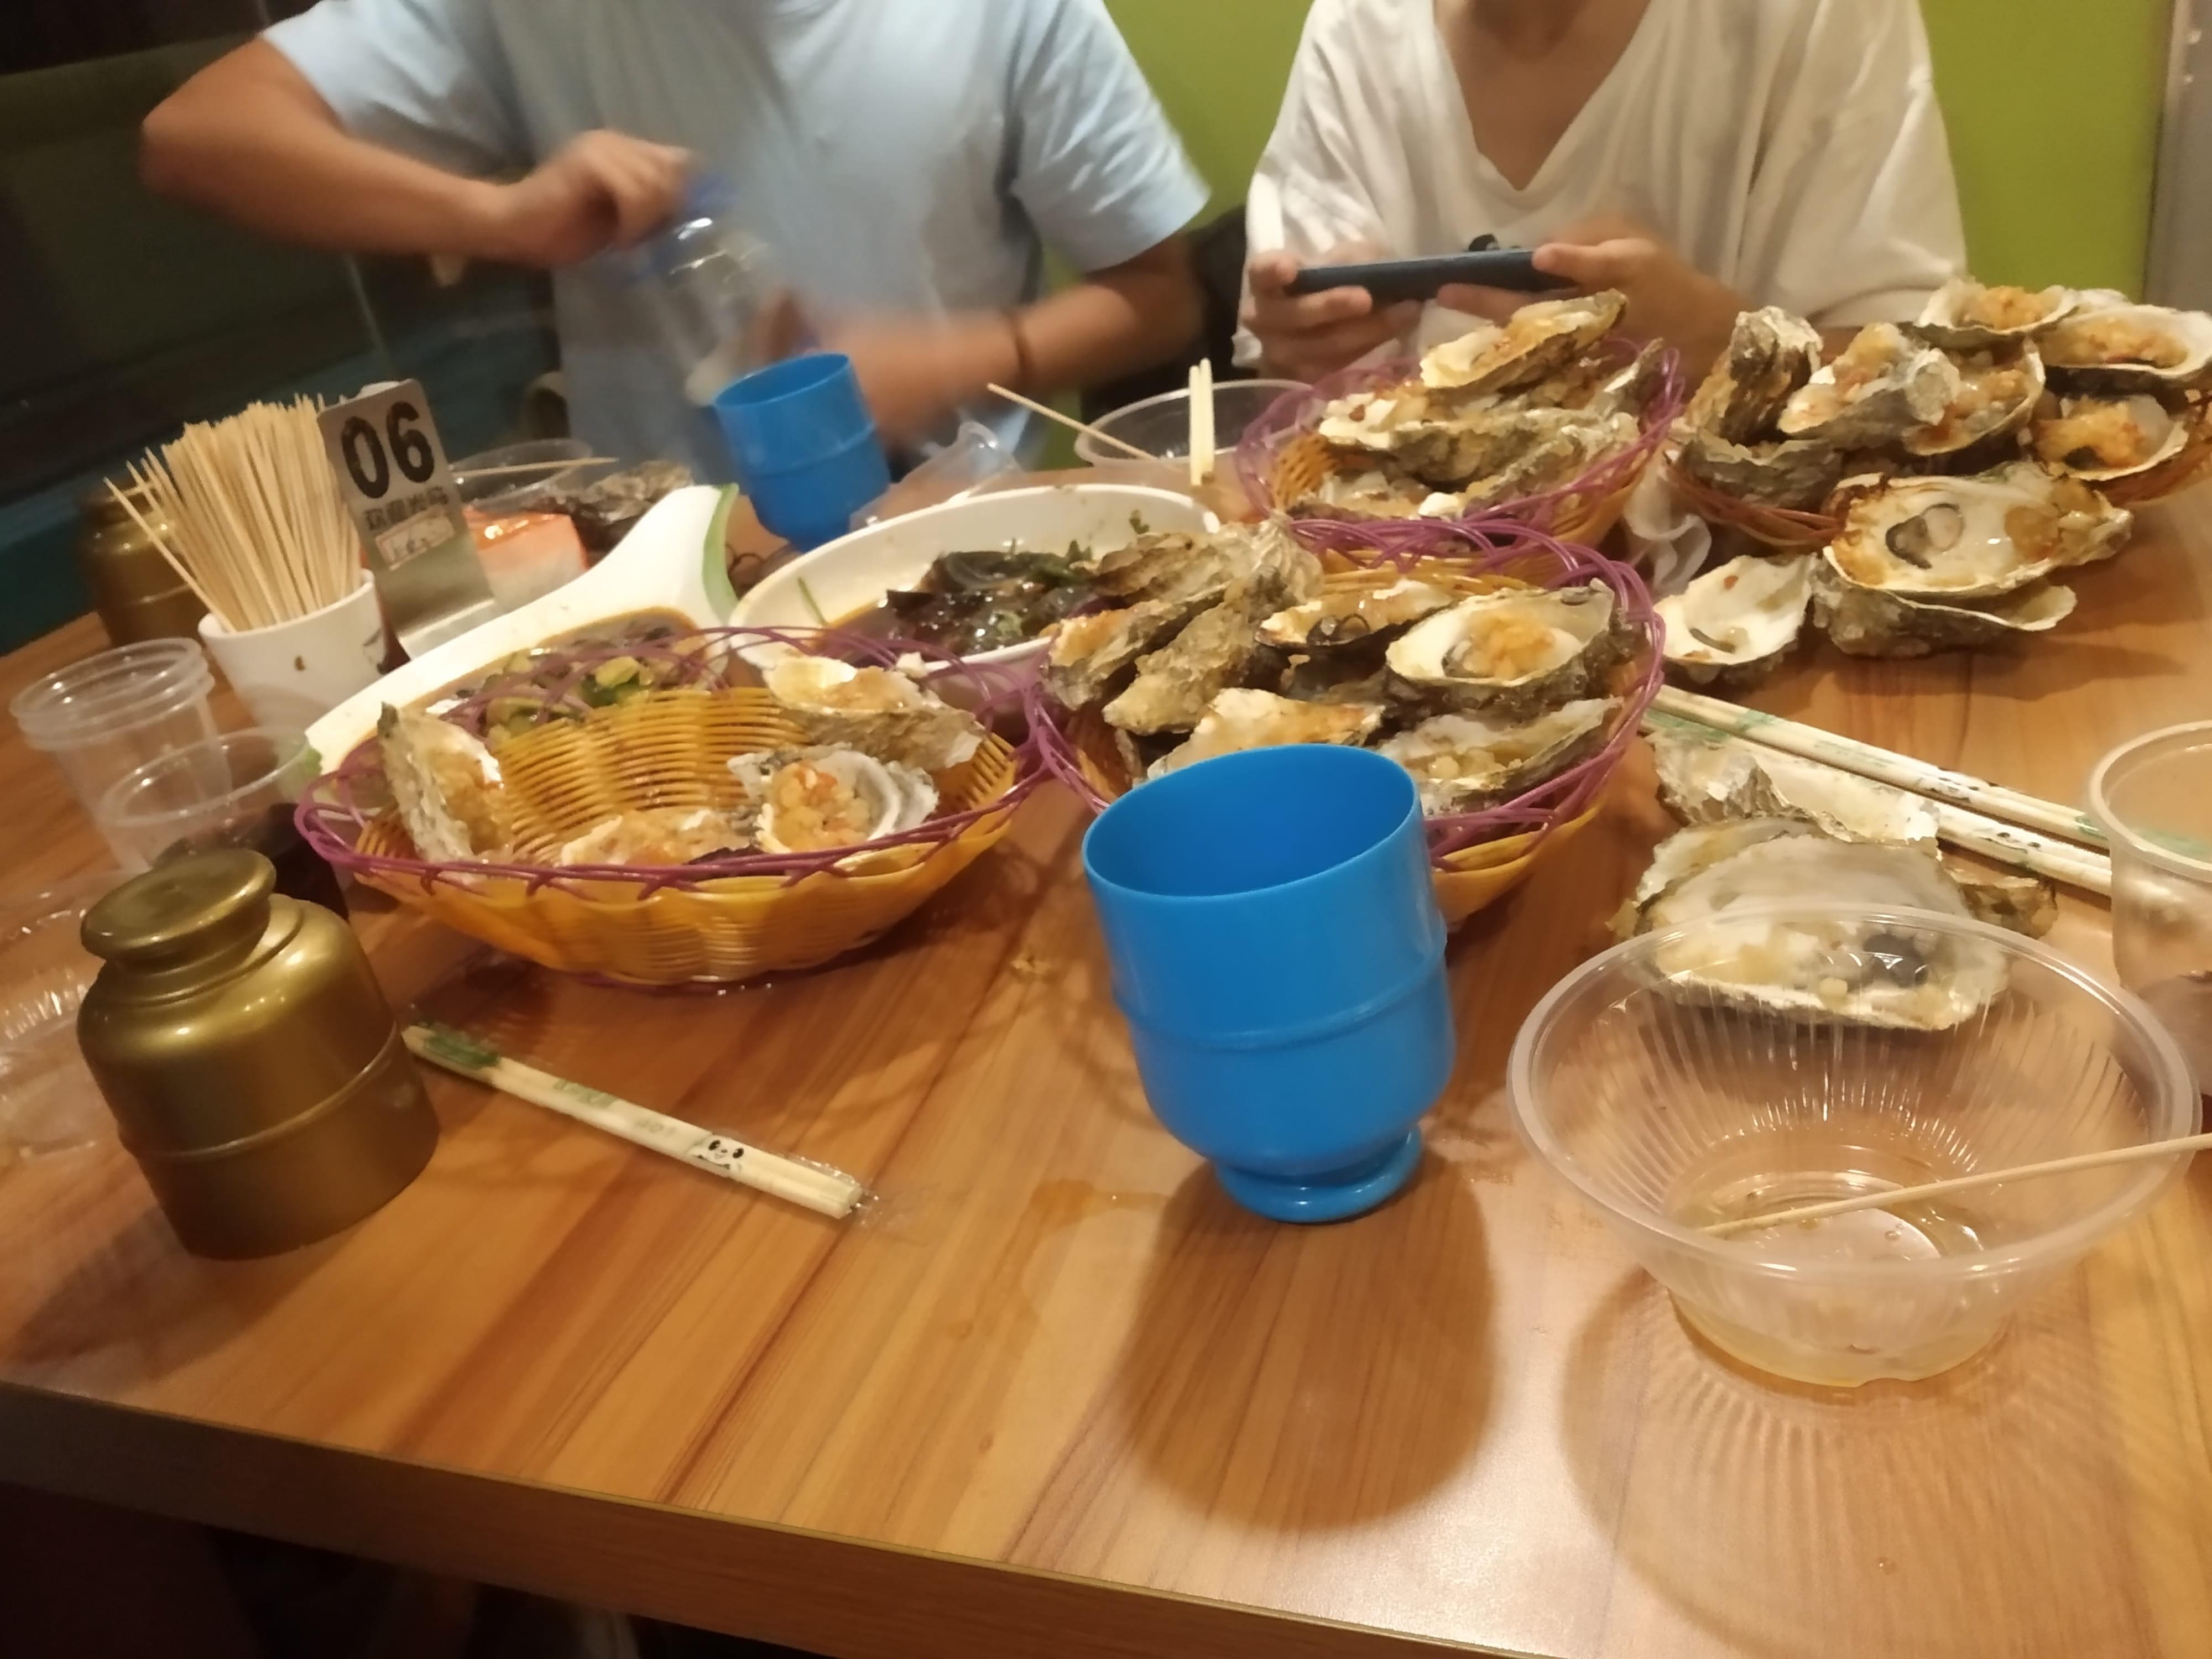 和朋友们吃生蚝